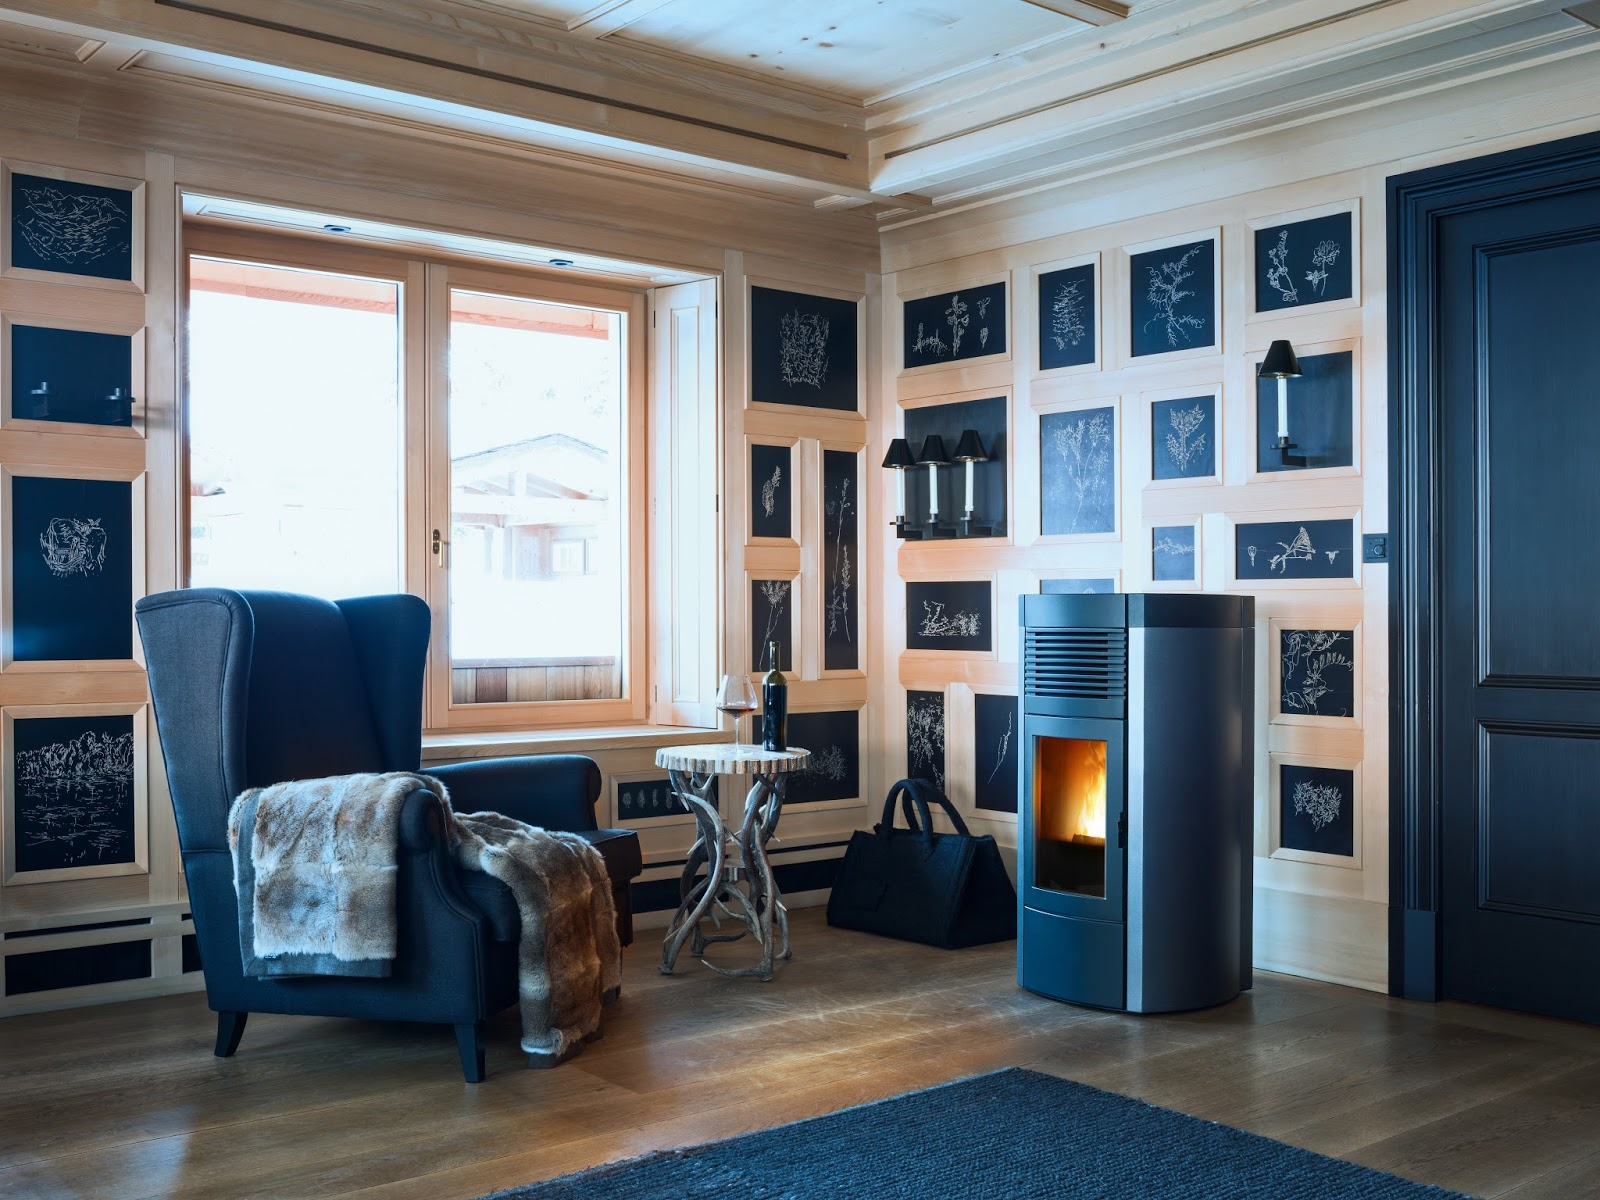 pellets de madera Barcelona Bosch Marín -Importador oficial chimeneas y estufas-